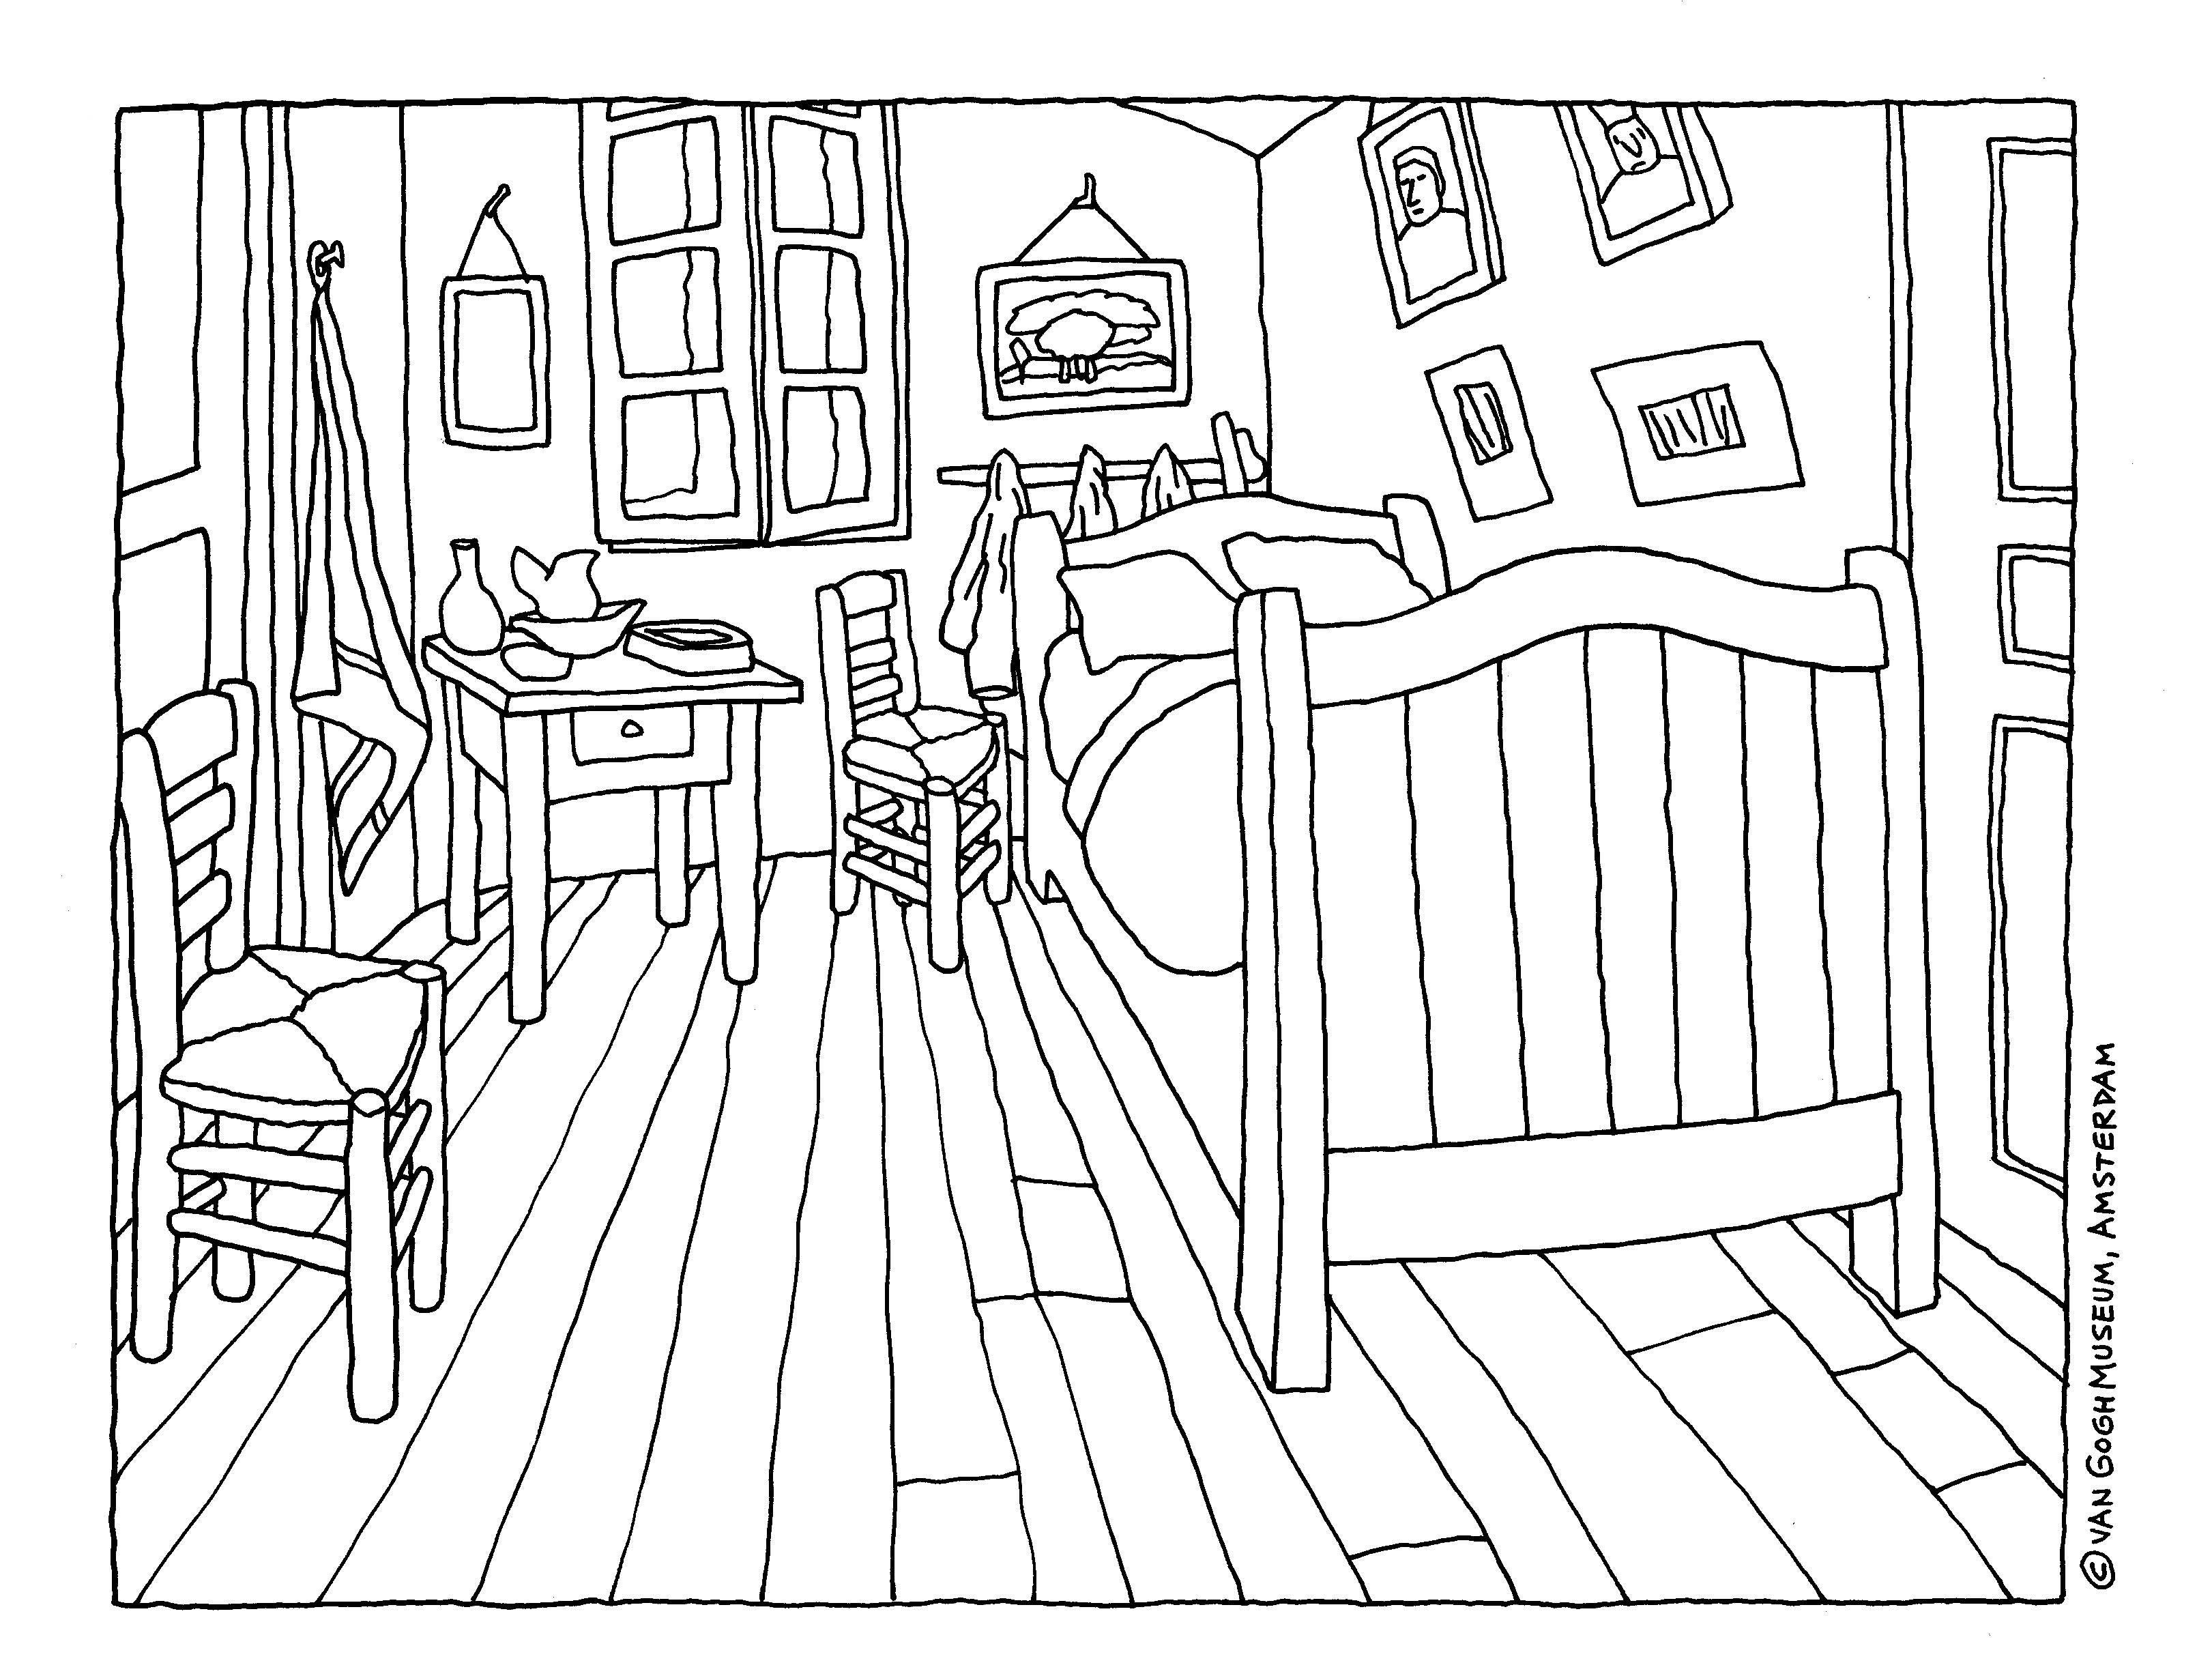 Colouring Page Of Vincent Van Gogh S Masterpiece The Bedroom Download It From The Website And Make Your O Zout Schilderij Van Gogh Kunst Van Gogh Schilderijen